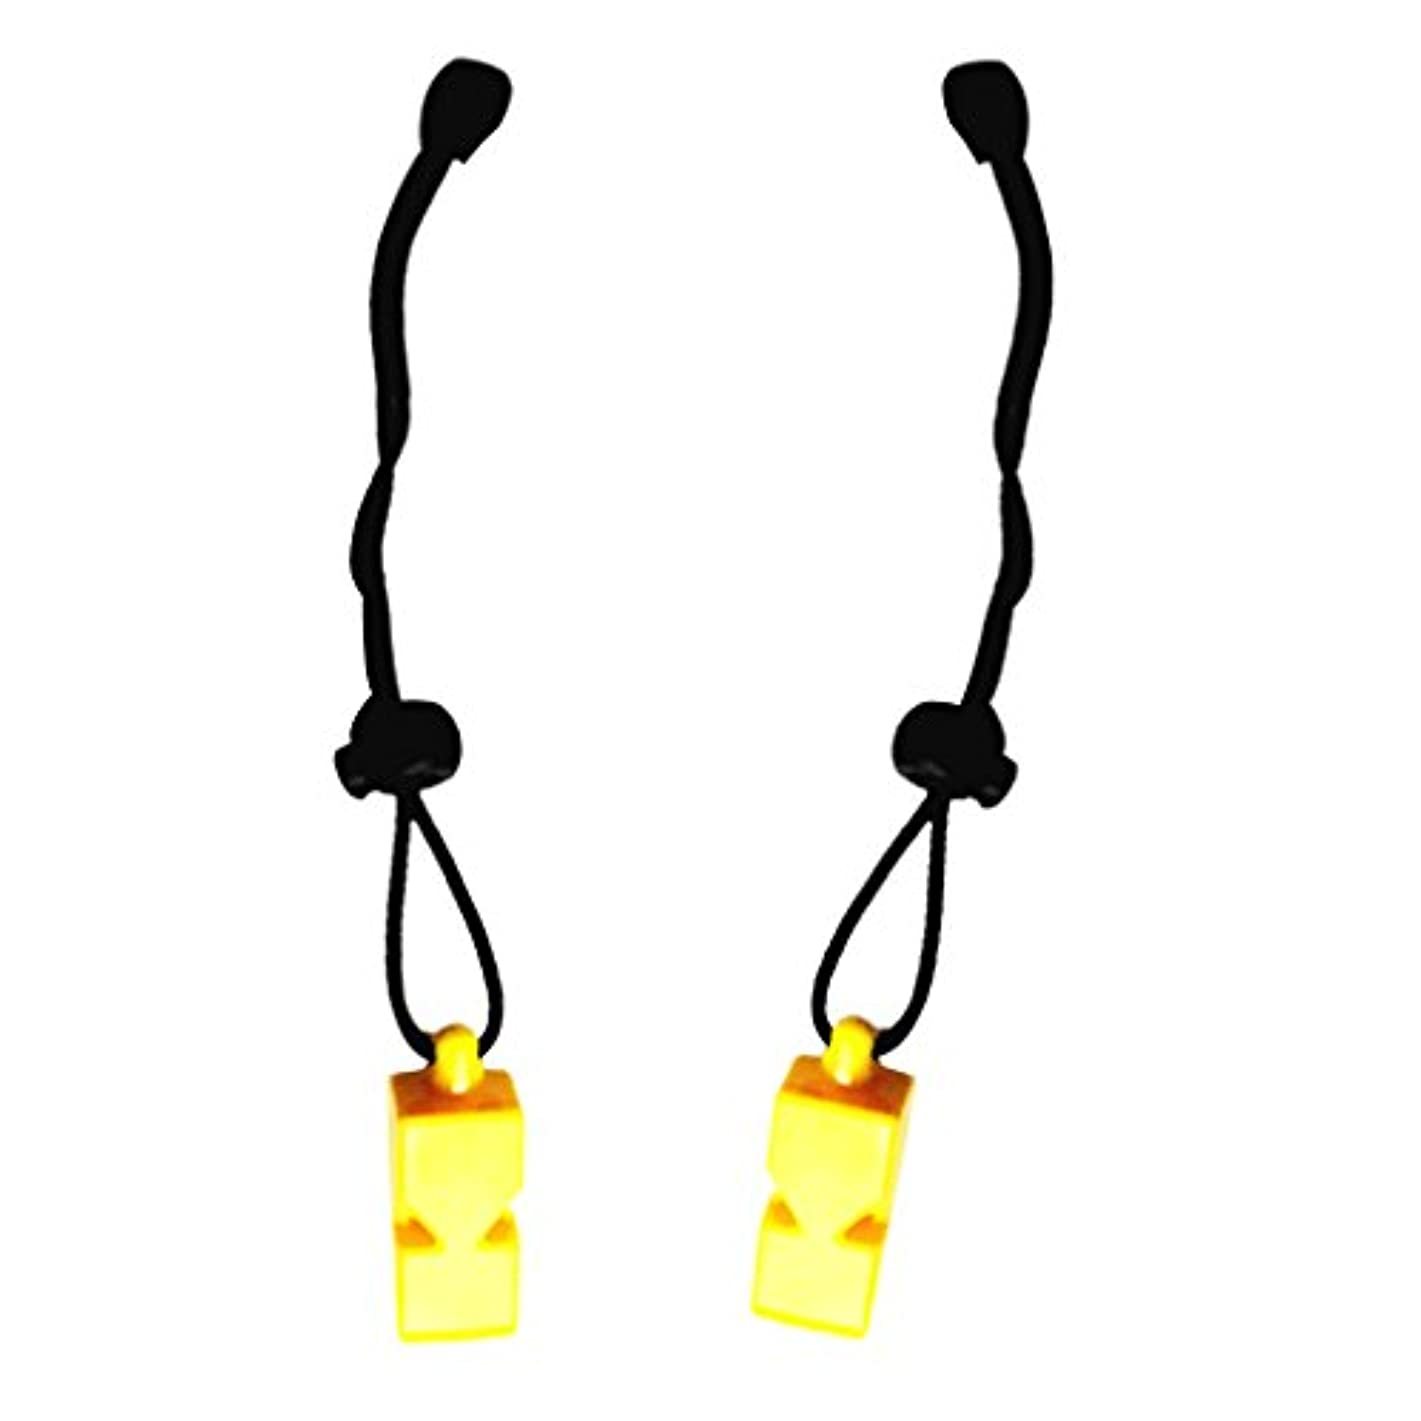 収束する話シェルPerfk 全3色 2個 緊急用 スキューバ ダイブ ウォータースポーツ  安全 ストラップ ホイッスル 笛